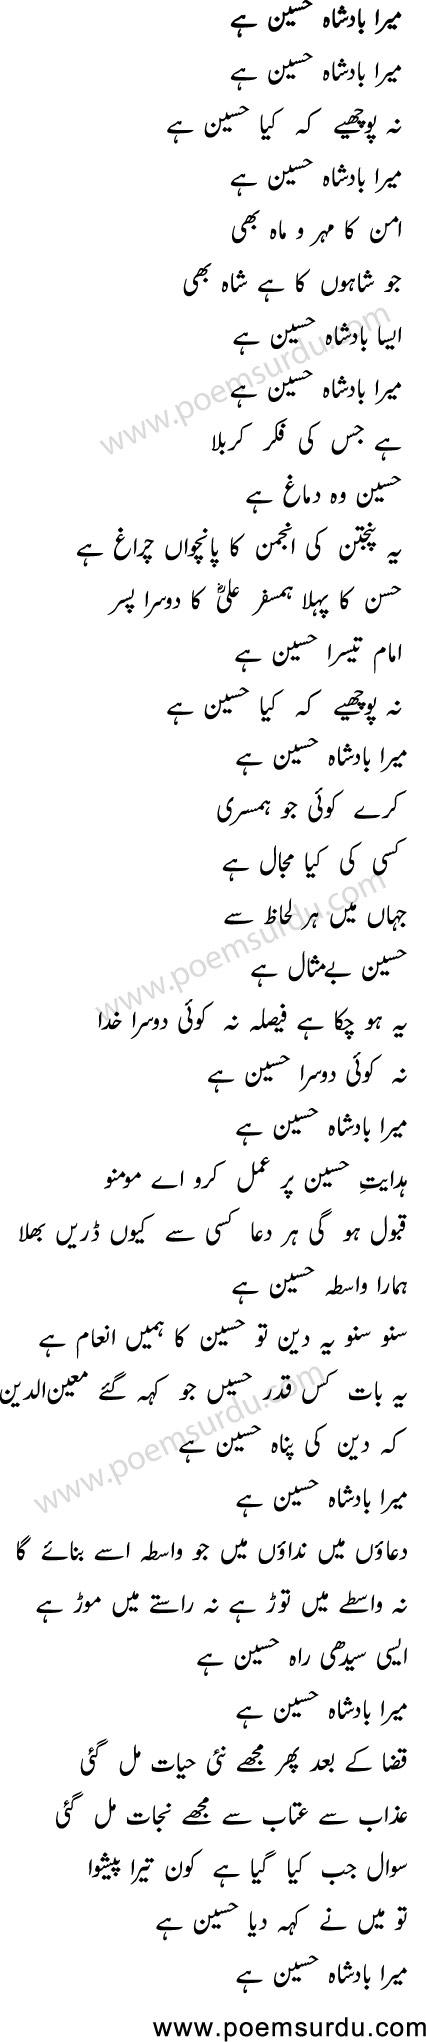 Mera Badshah Hussain Hai Lyrics in Urdu Owais Raza Qadri